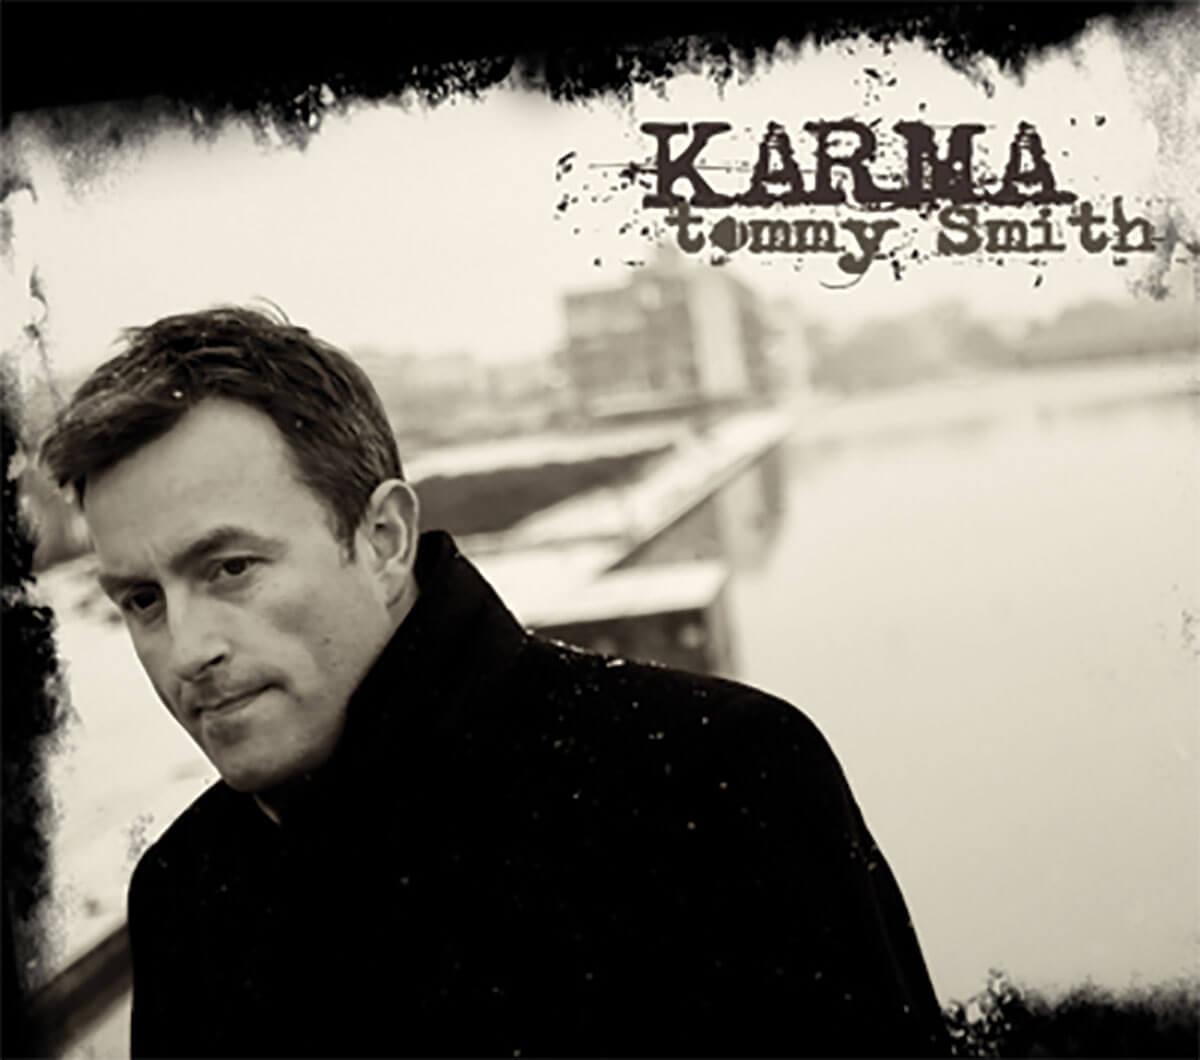 Tommy Smith - Karma